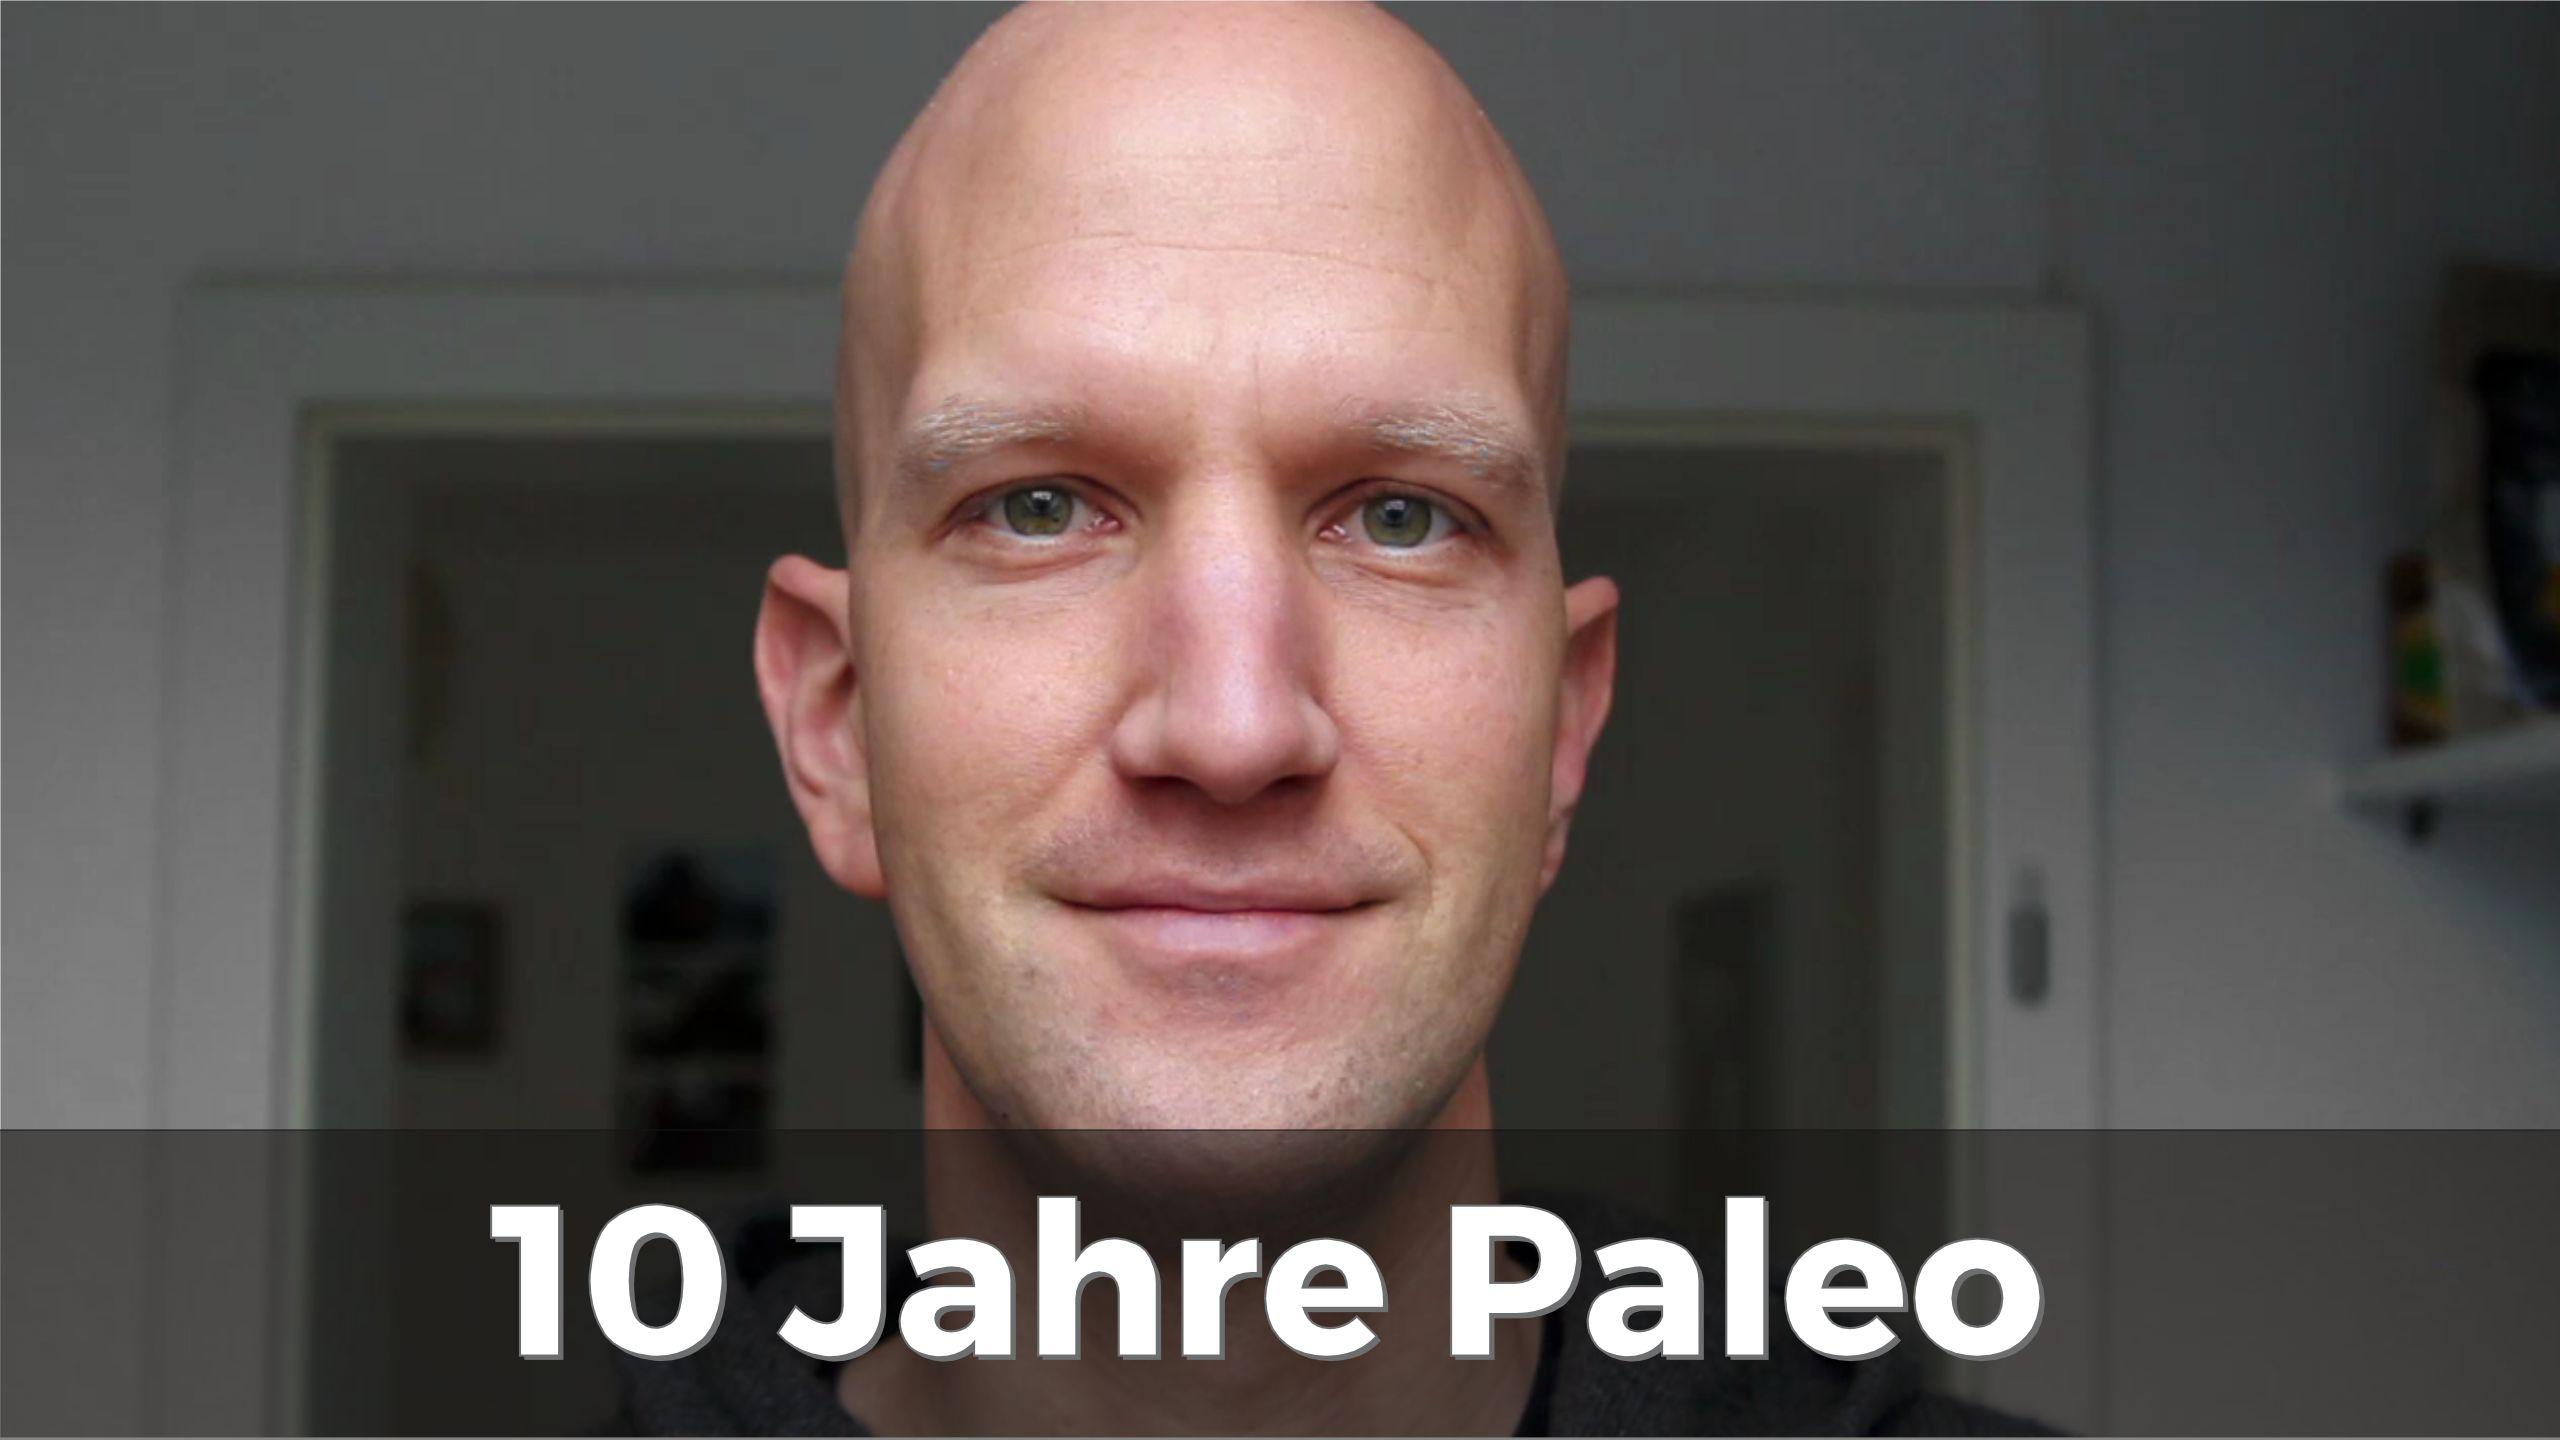 10 Jahre Paleo Erfahrungsbericht